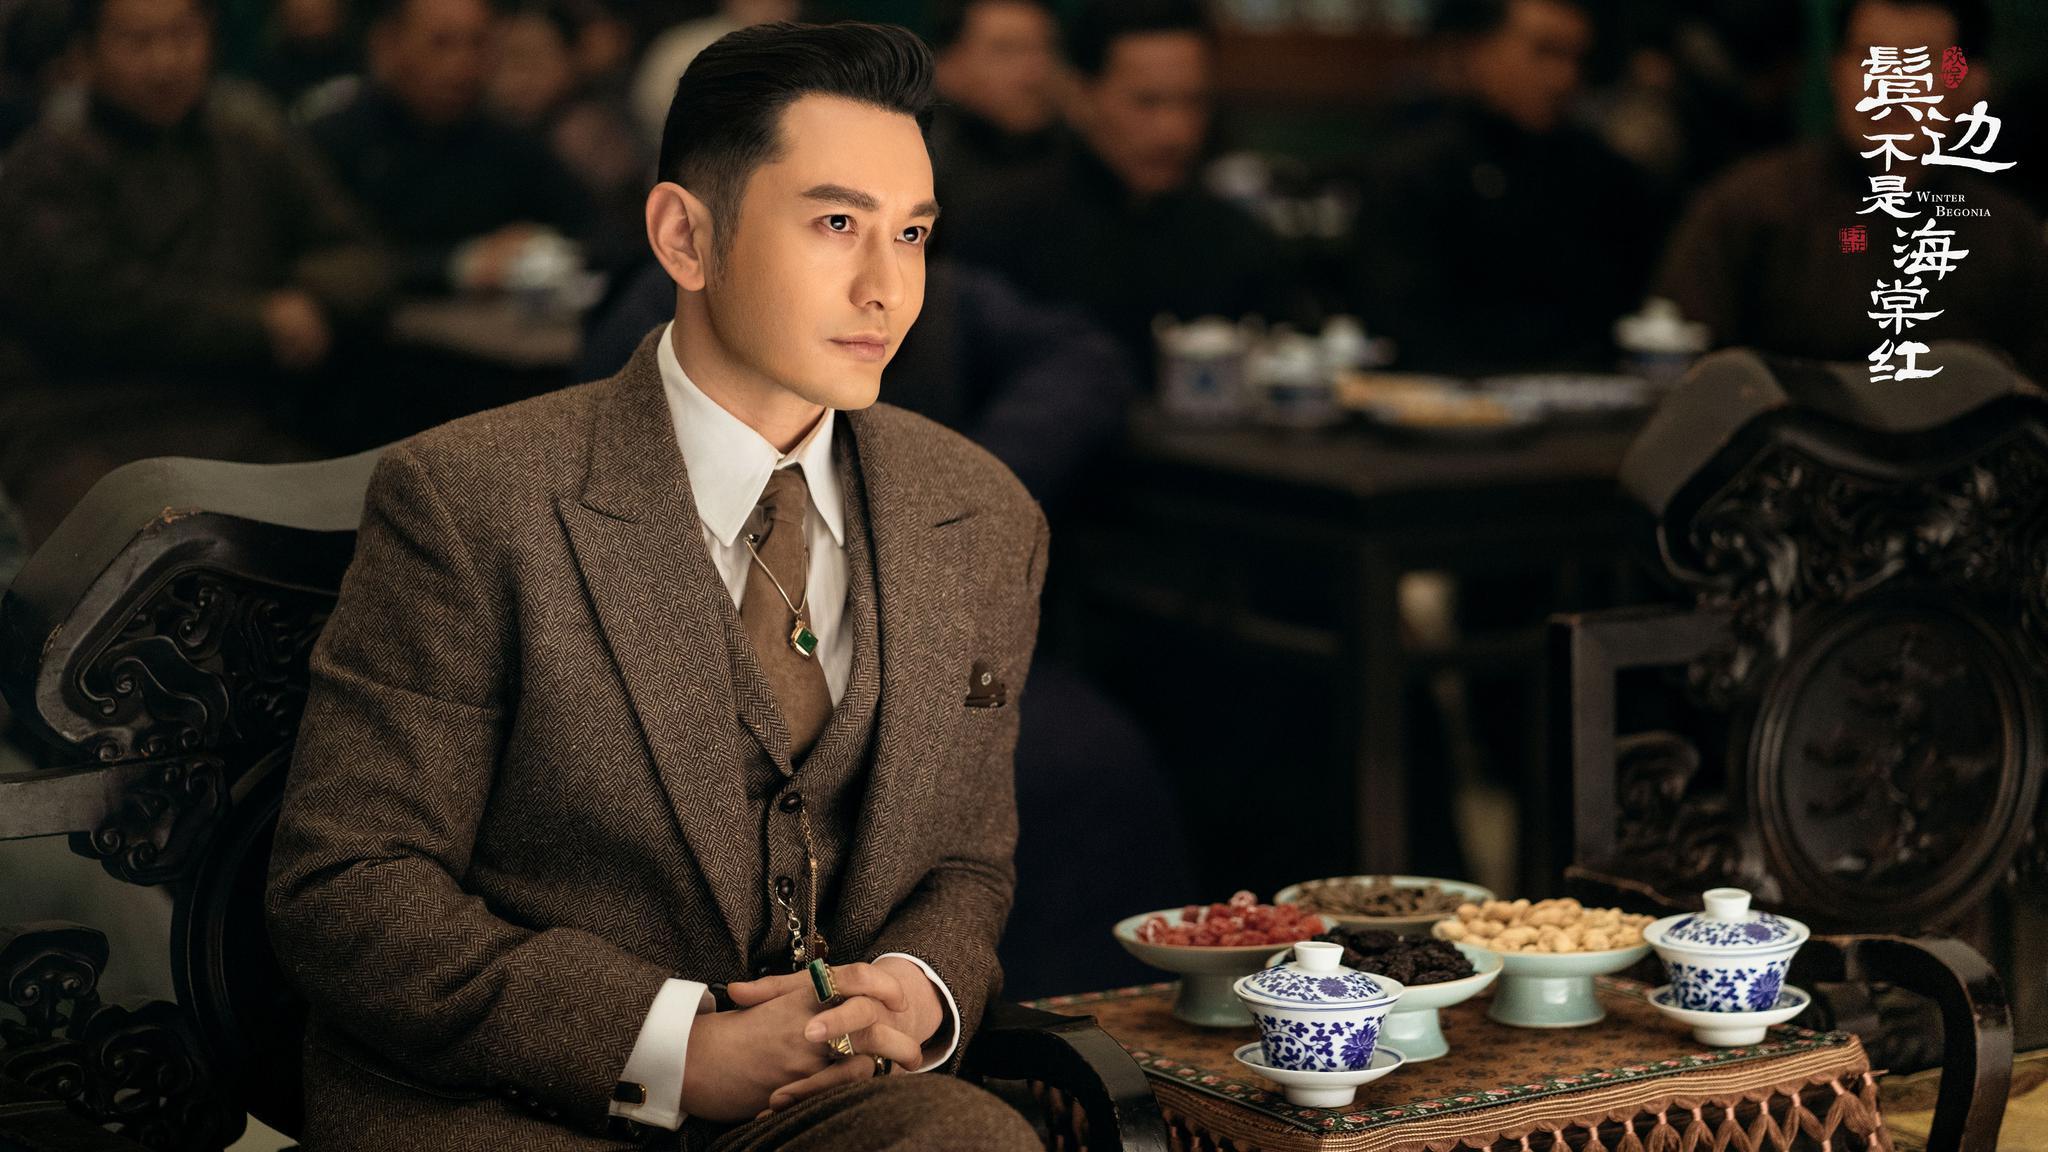 《鬓边不是海棠红》发布全新剧照,黄晓明民国造型引期待